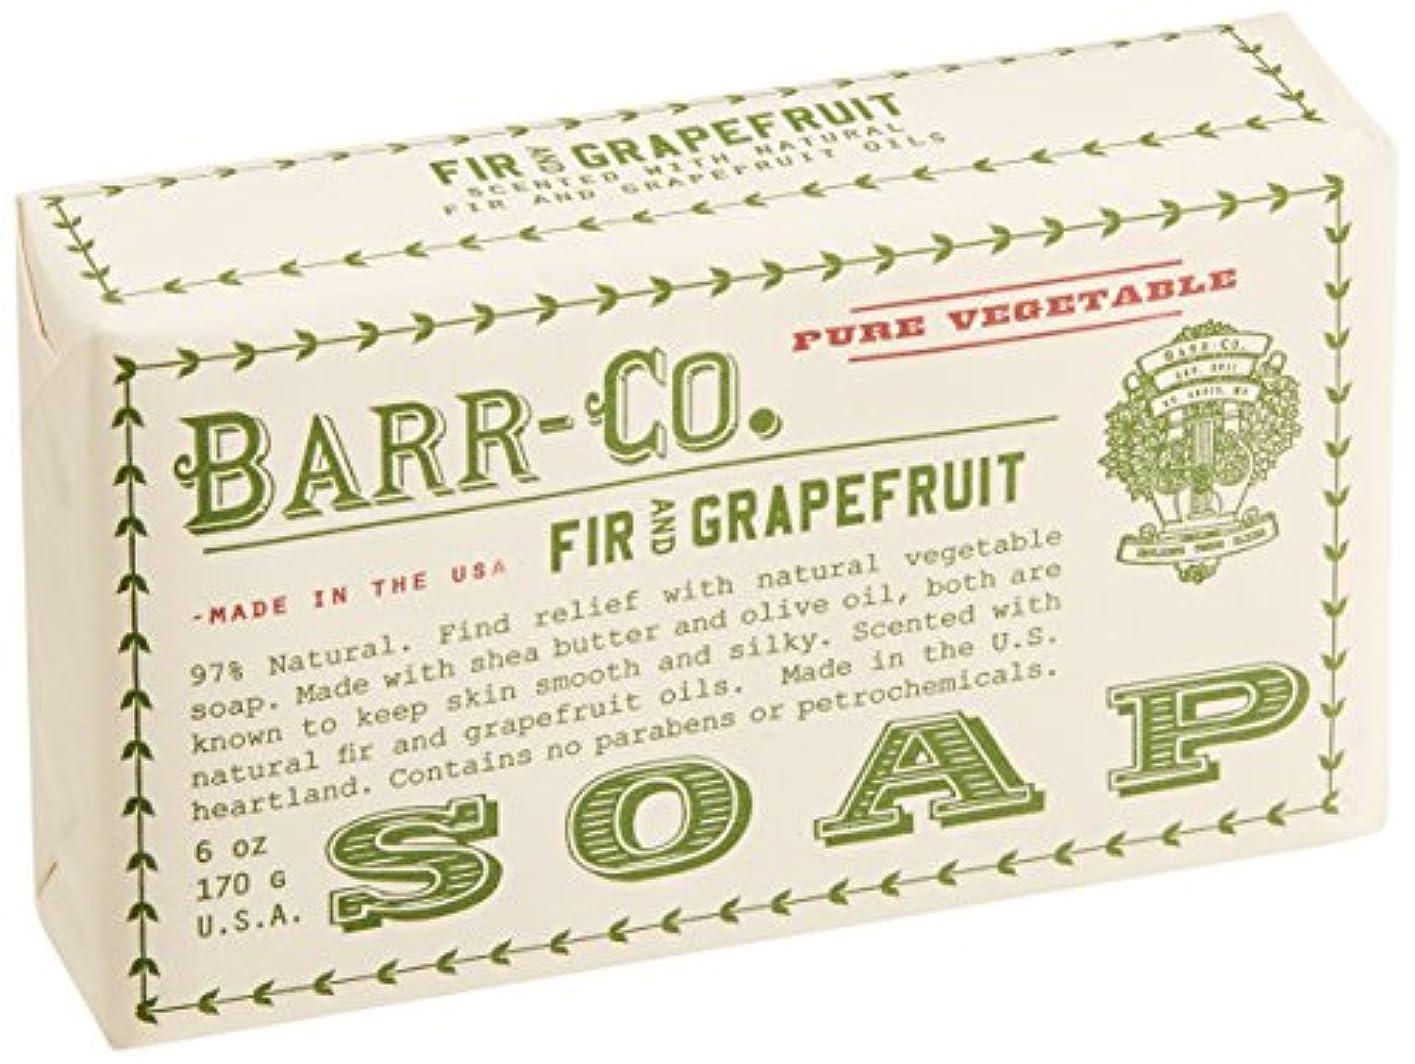 胸倉庫臭いBARR-CO.(バーコー) バーソープ FIR&GRAPEFRUIT